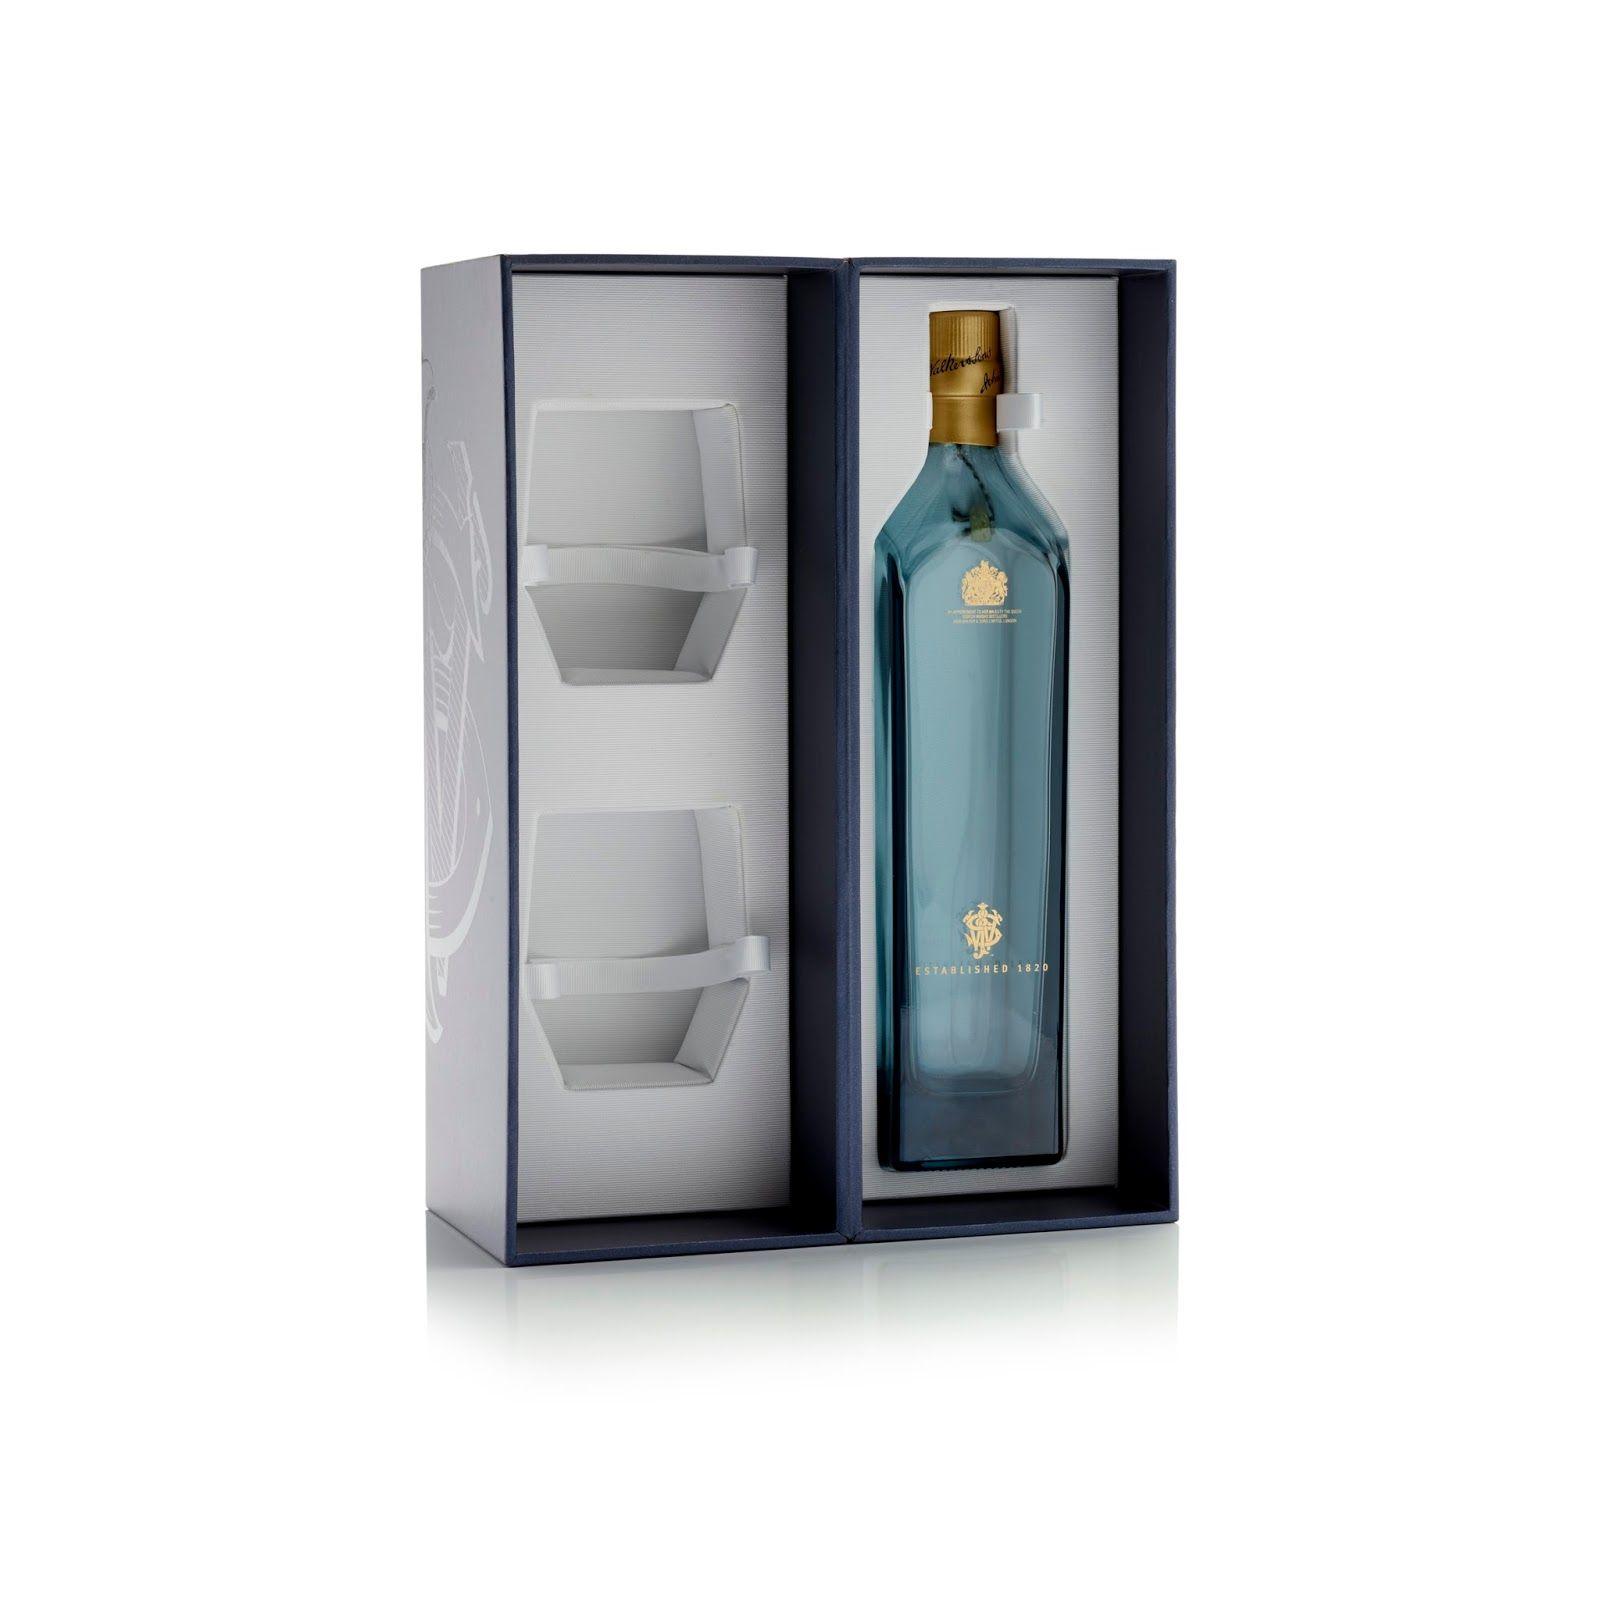 Johnnie walker blue label gift set johnnie walker blue